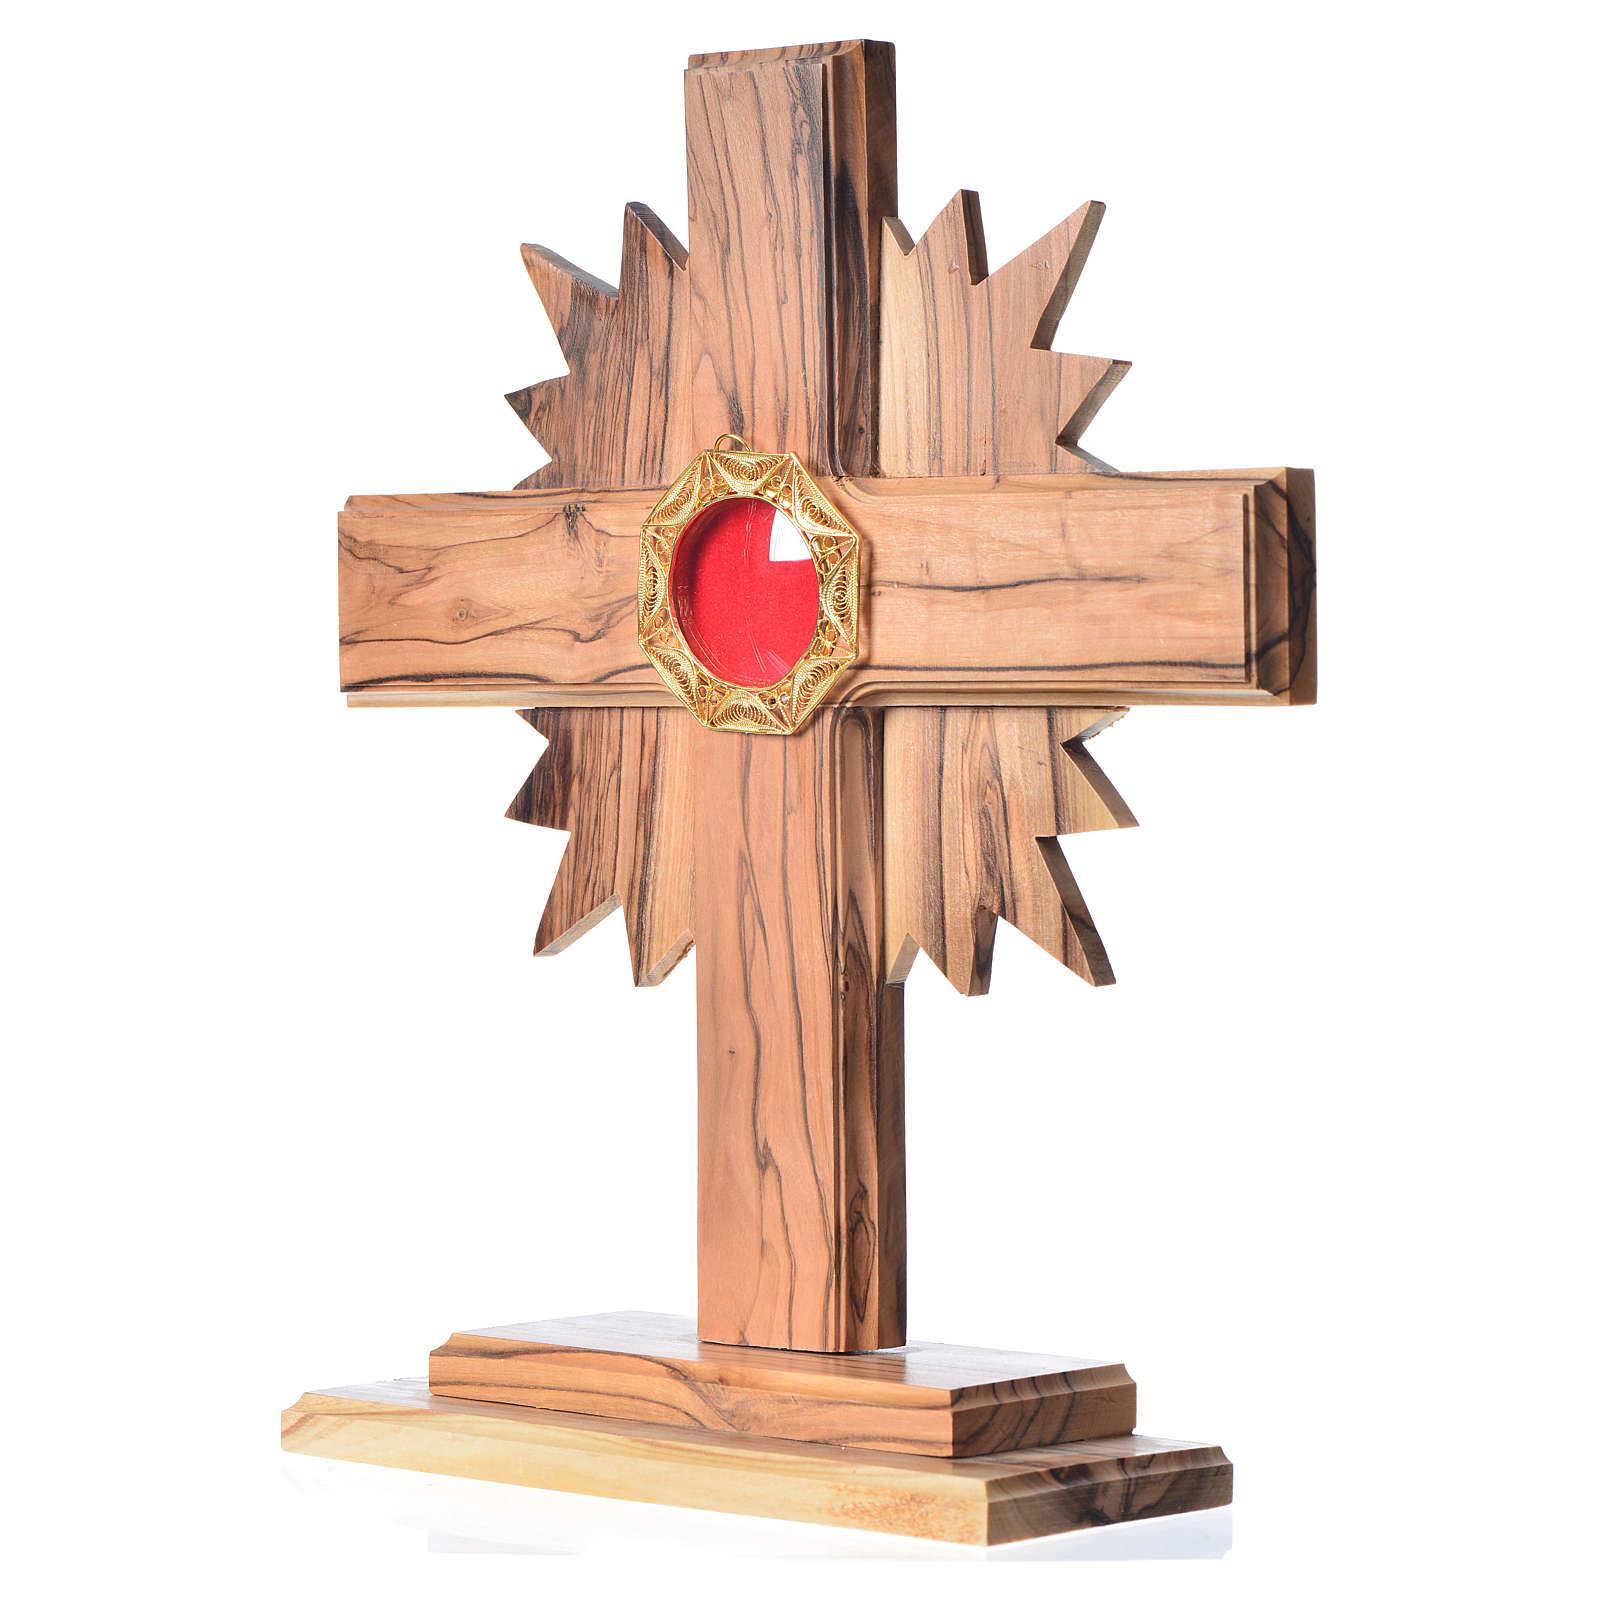 Relicario olivo 20cm, cruz con rayos custodia plata 800 octagona 4